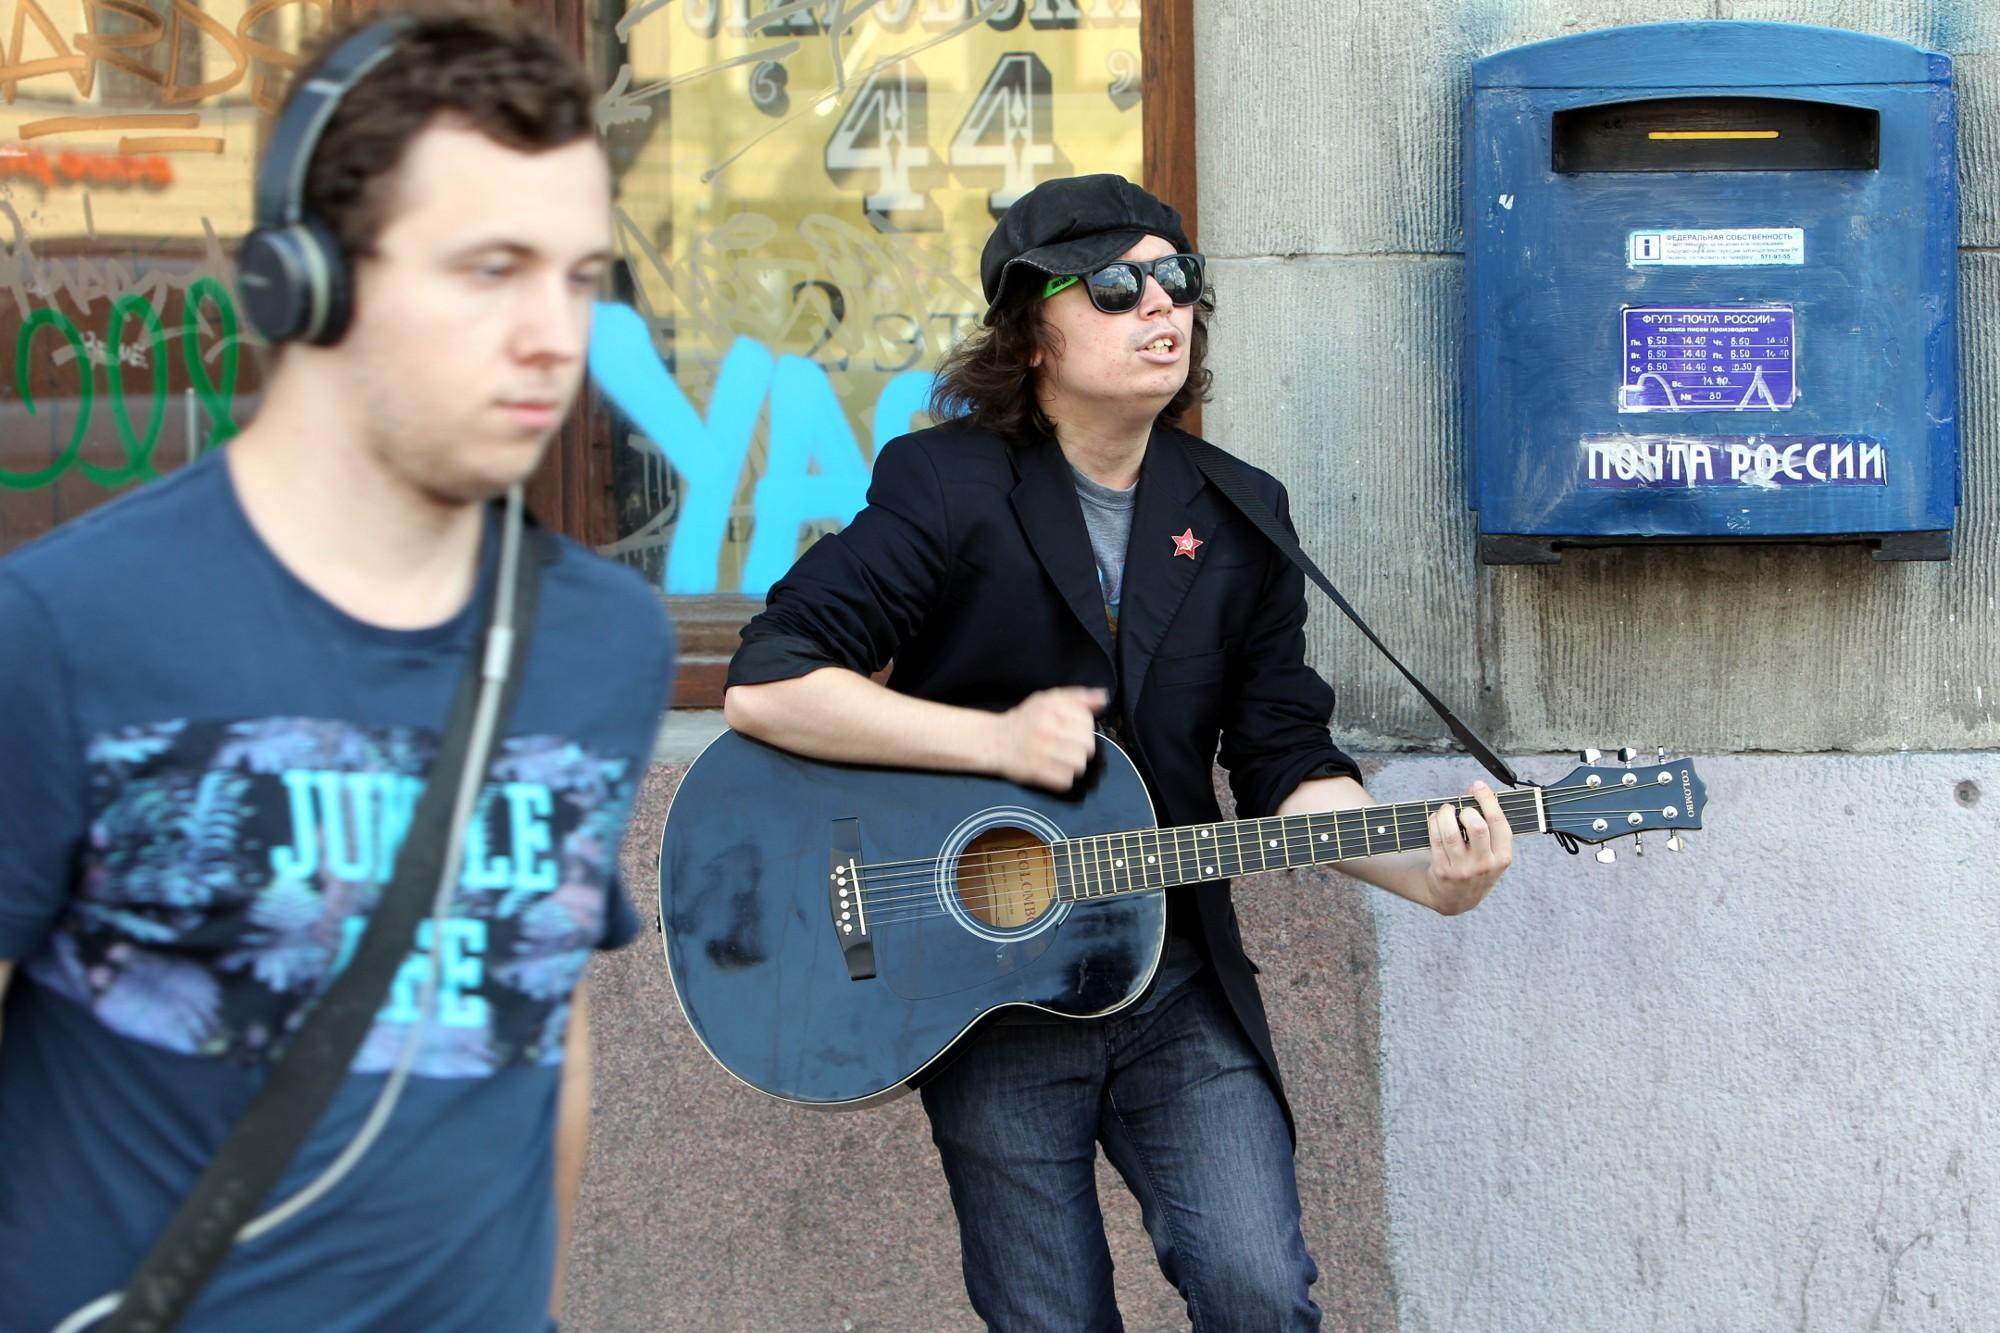 Глеб Колондо уличный музыкант